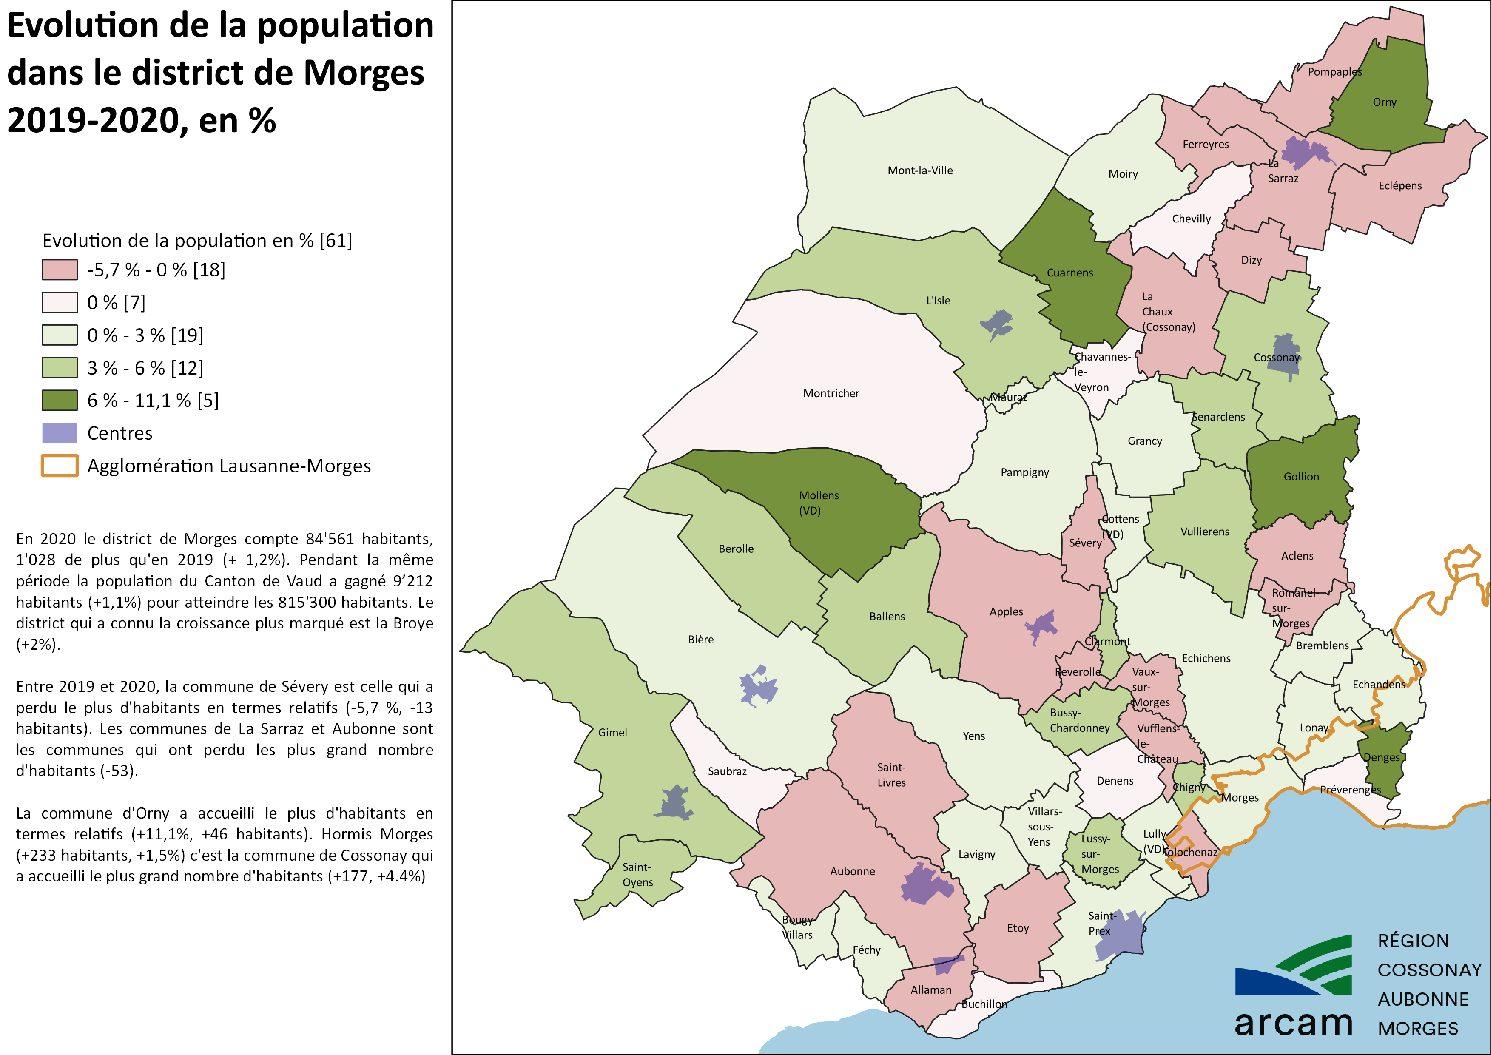 Évolution de la population dans le district de Morges 2019-2020